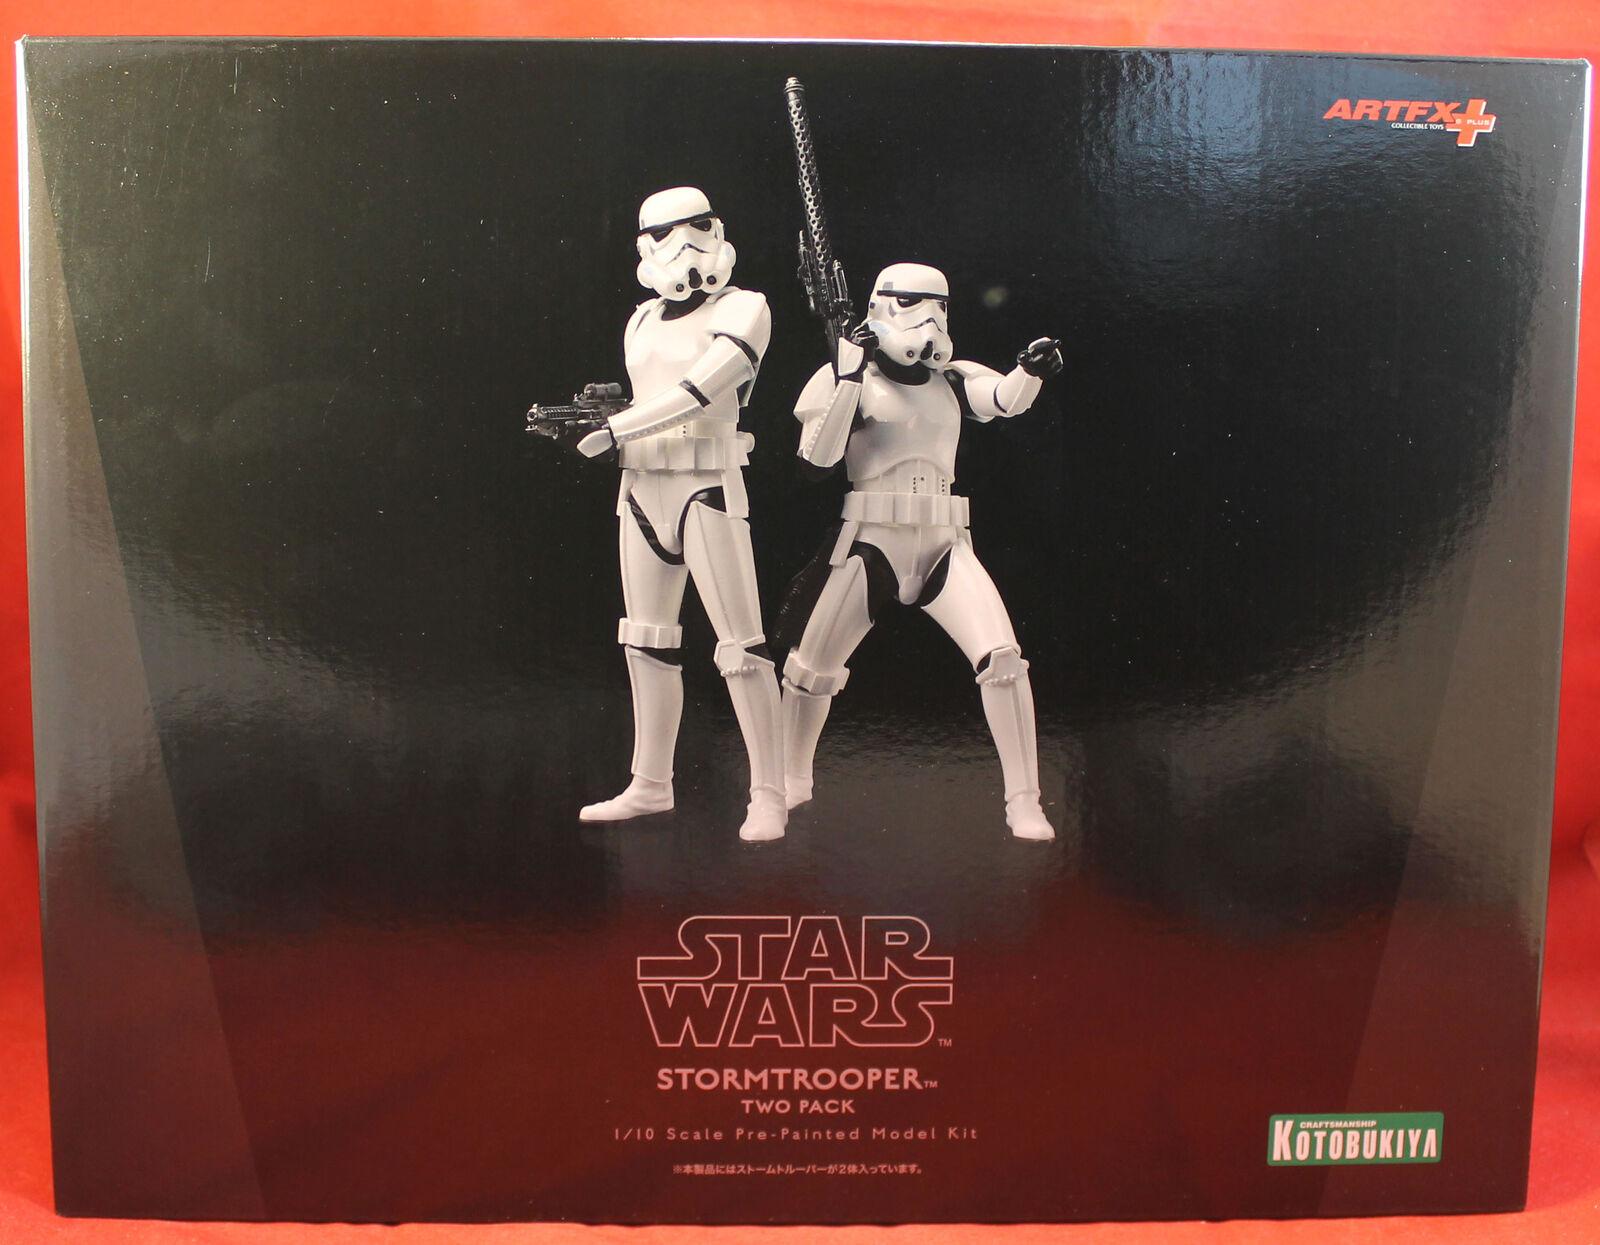 Estrella Wars 1 10 Escala Modelo Kit Estatua-Stormtrooper Dos Pack